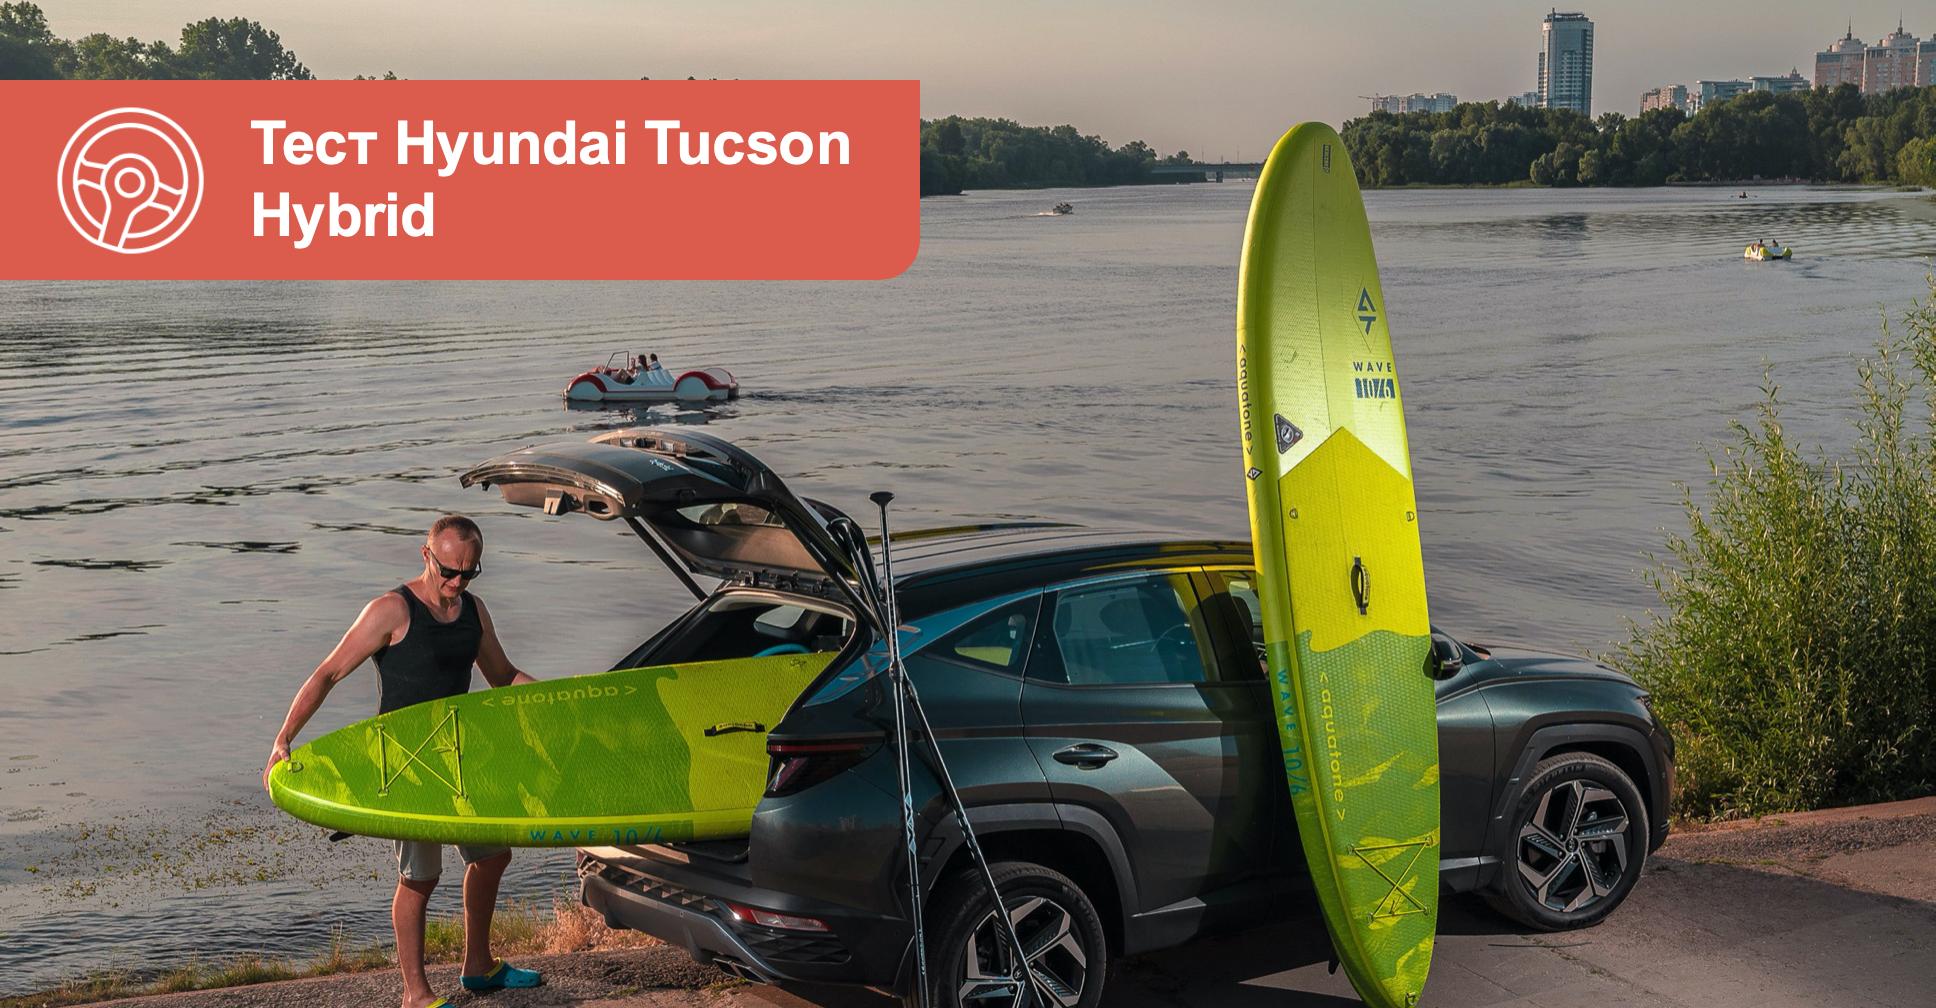 Хюндай Туксон 2021 тест драйв и обзор Hyundai Tucson с фото